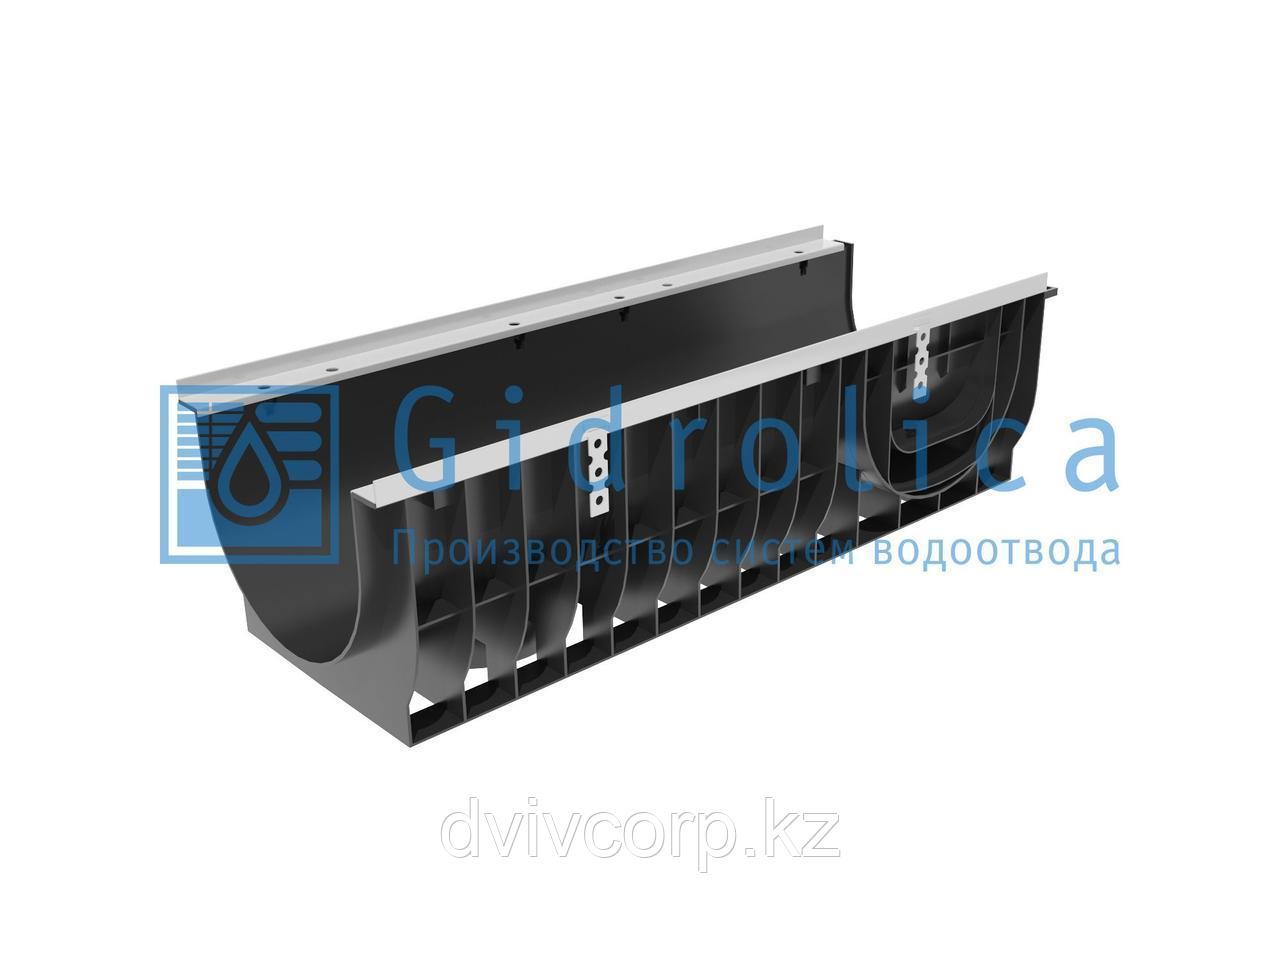 Арт. 0832 Лоток водоотводный Gidrolica Super ЛВ-30.38.29,6 - пластиковый, кл. Е600